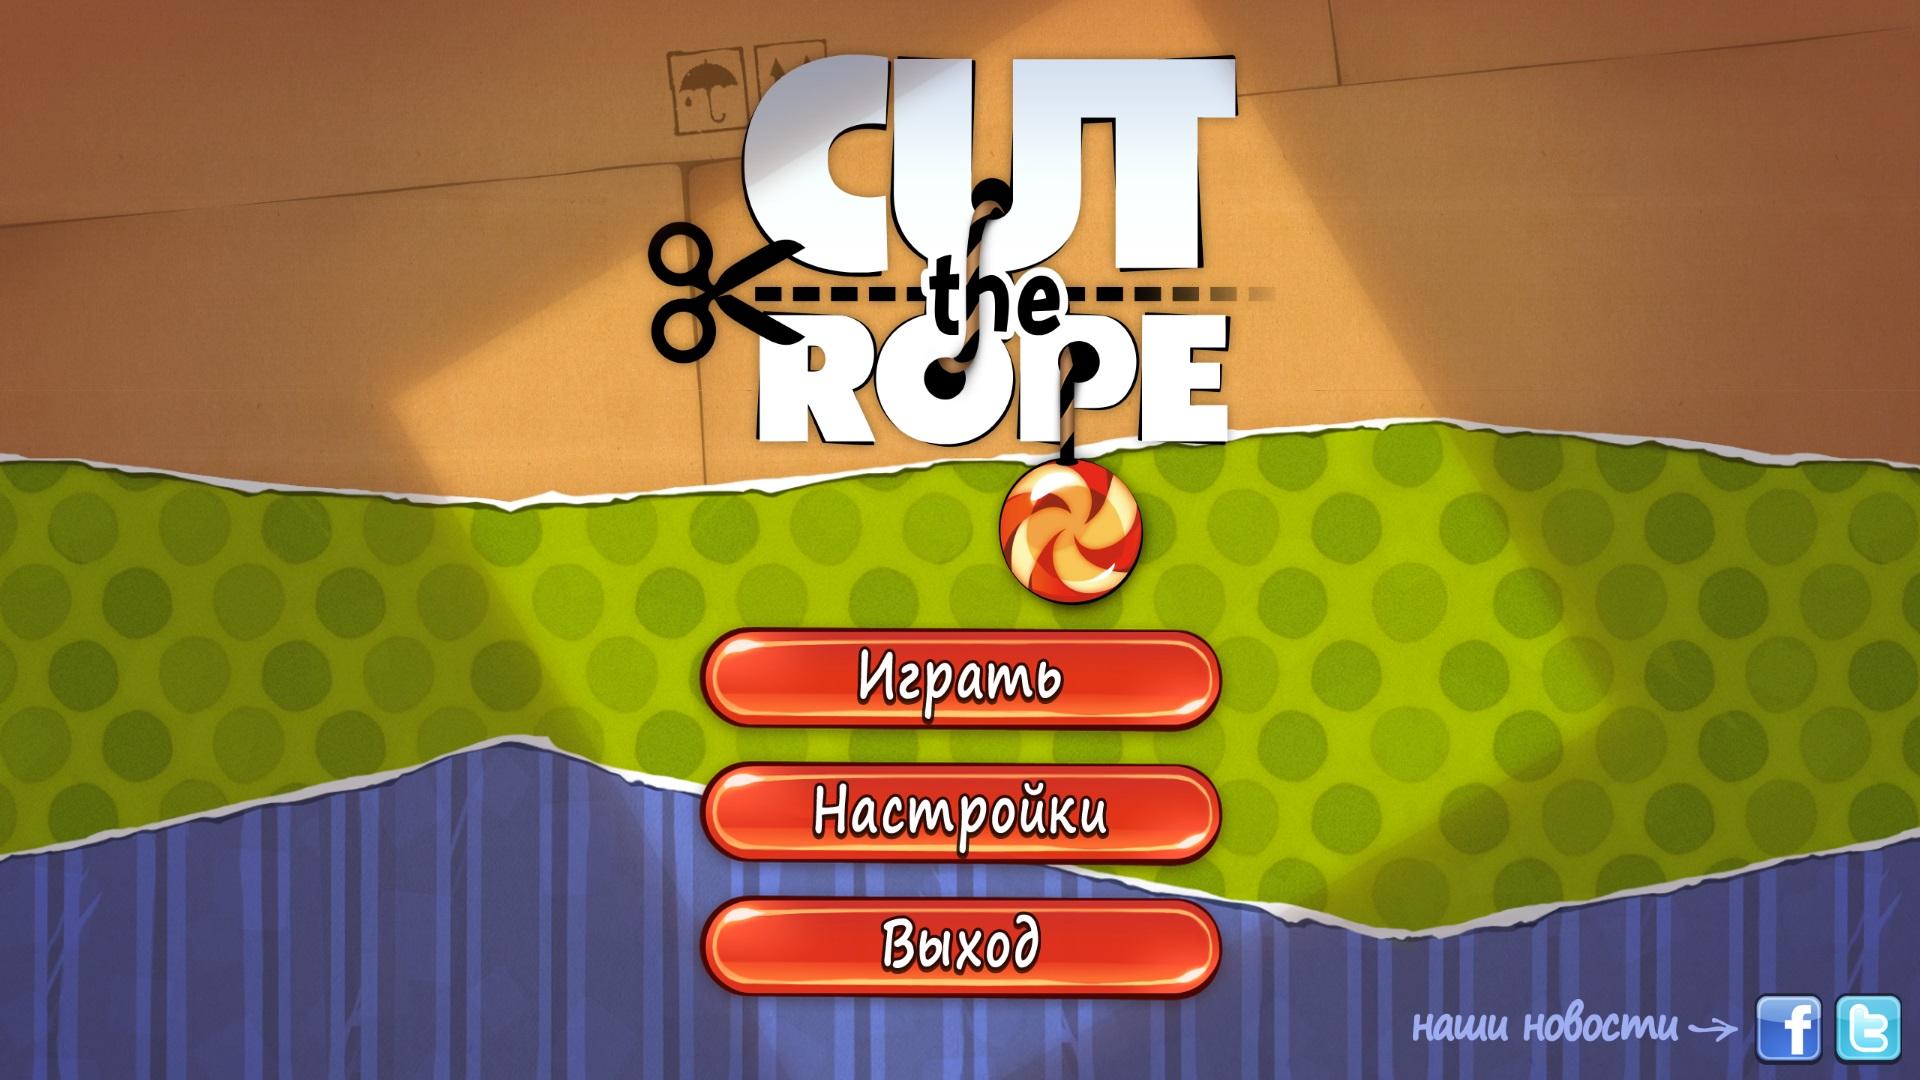 Cut rope скачать на компьютер